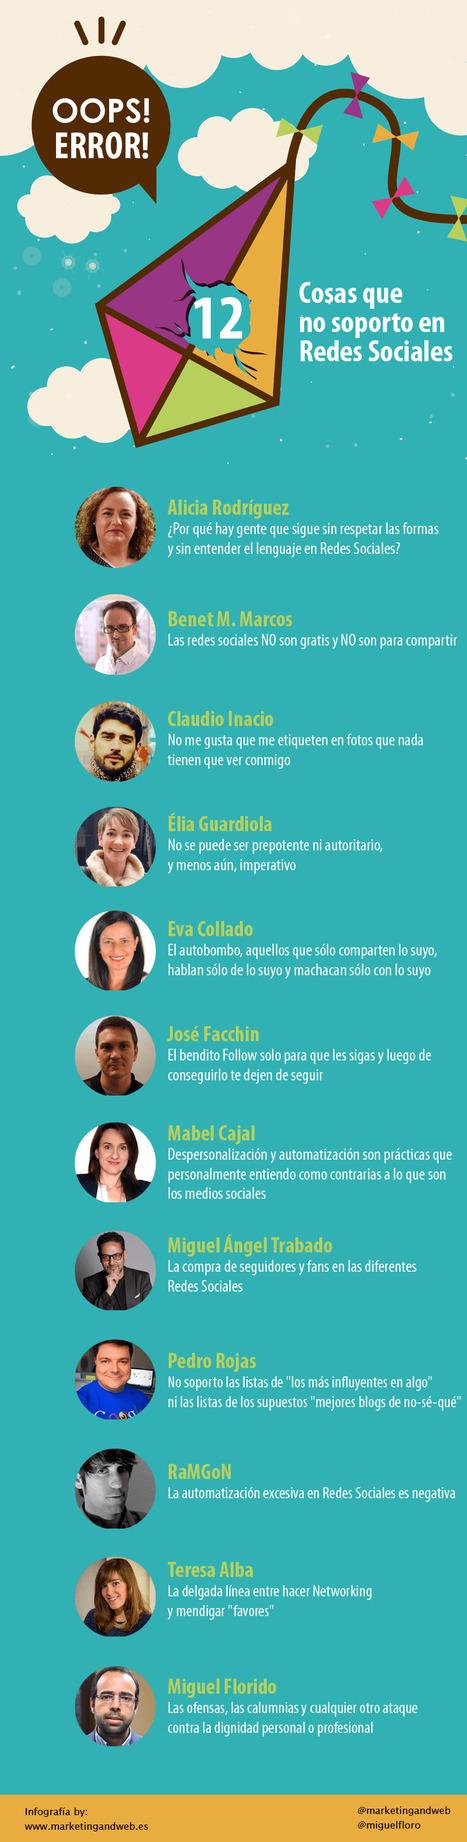 10 Cosas que no soporto en Redes Sociales | MediosSociales | Scoop.it